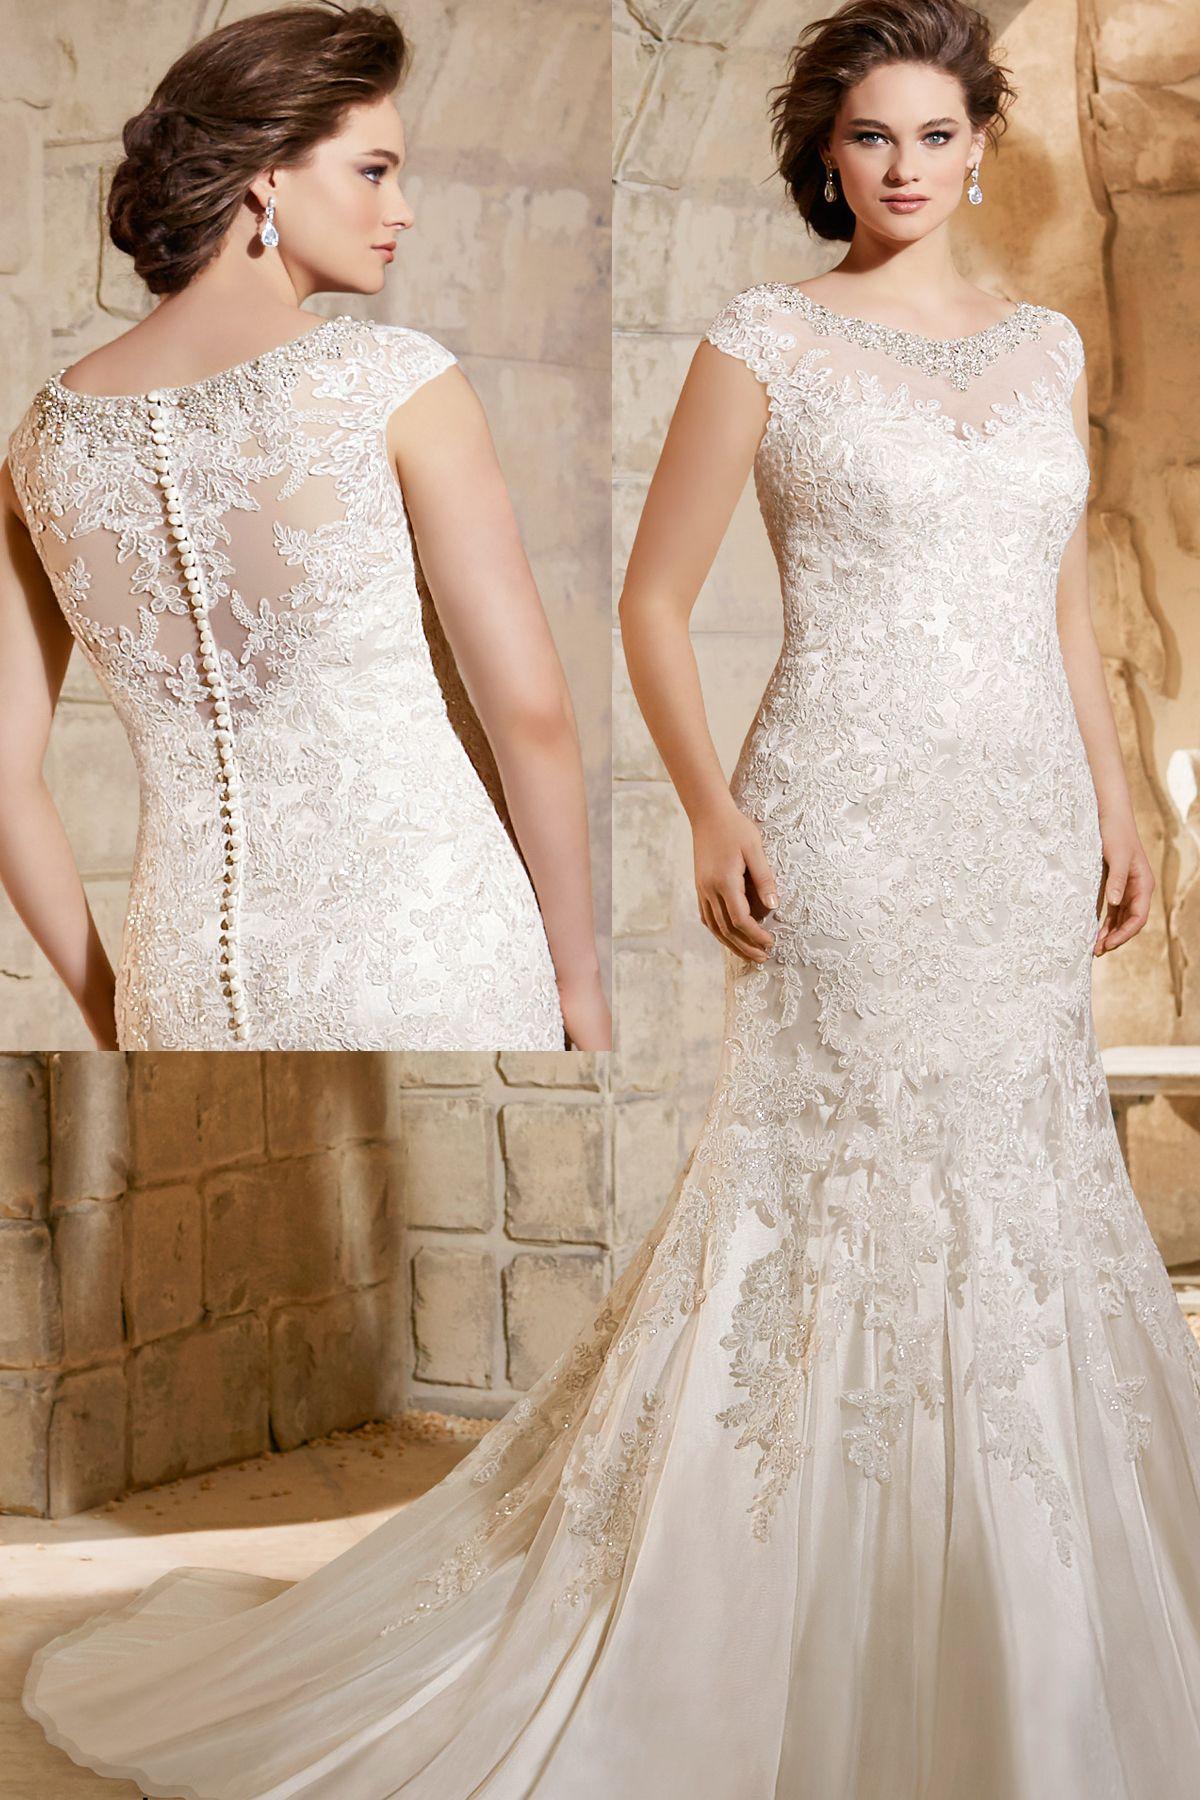 Girls wedding dress  Julietta   Not Your Ordinary Dress  Pinterest  Wedding dress